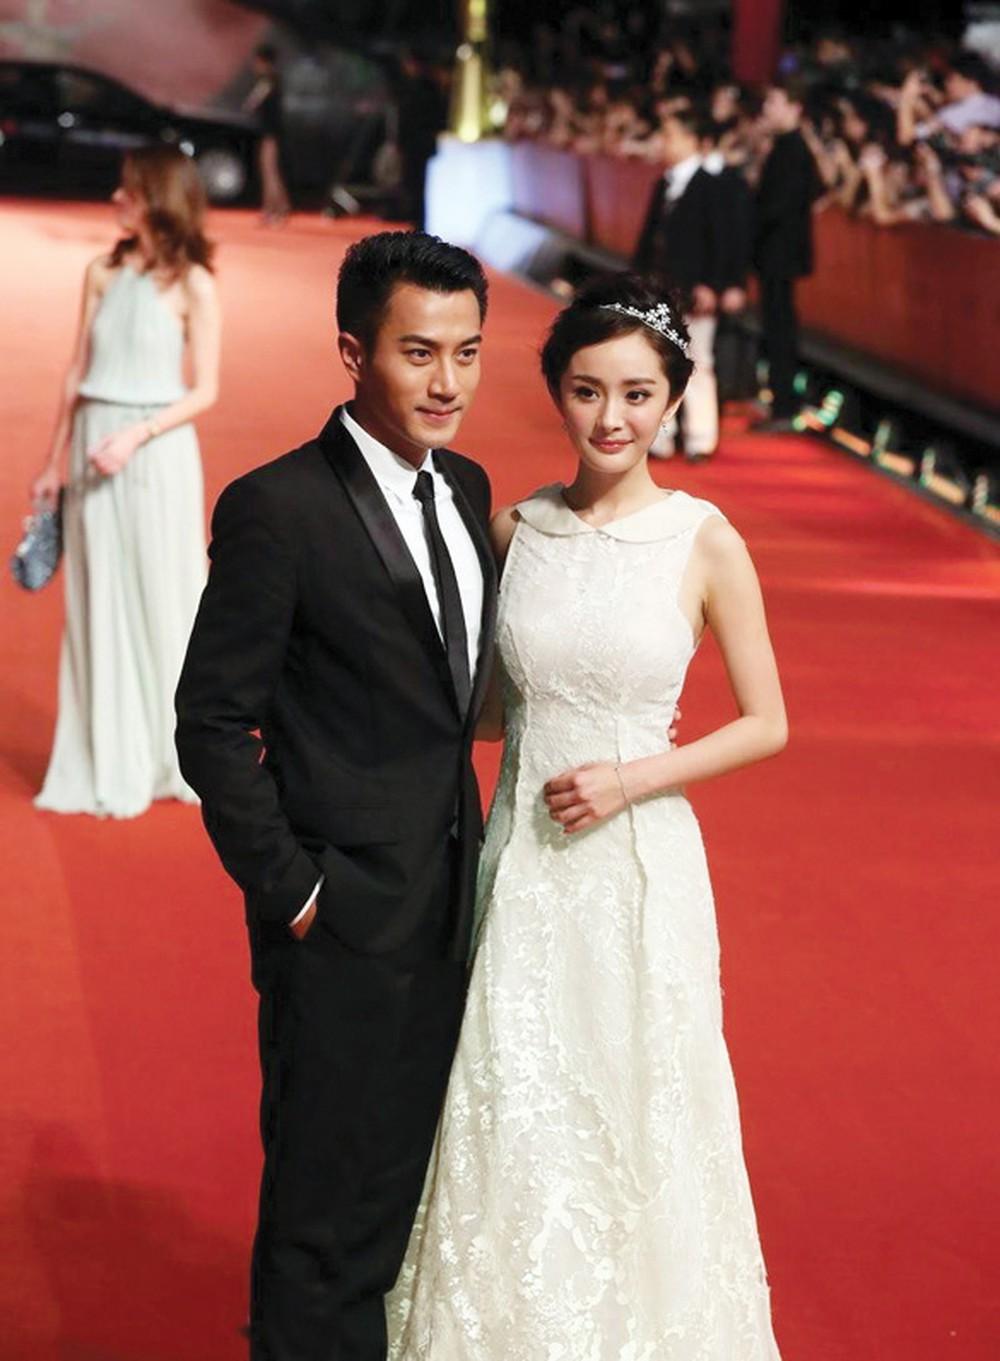 Dương Mịch nói về lý do ly hôn: Không phải vì Vương Âu và Lý Dịch Phong - Ảnh 5.